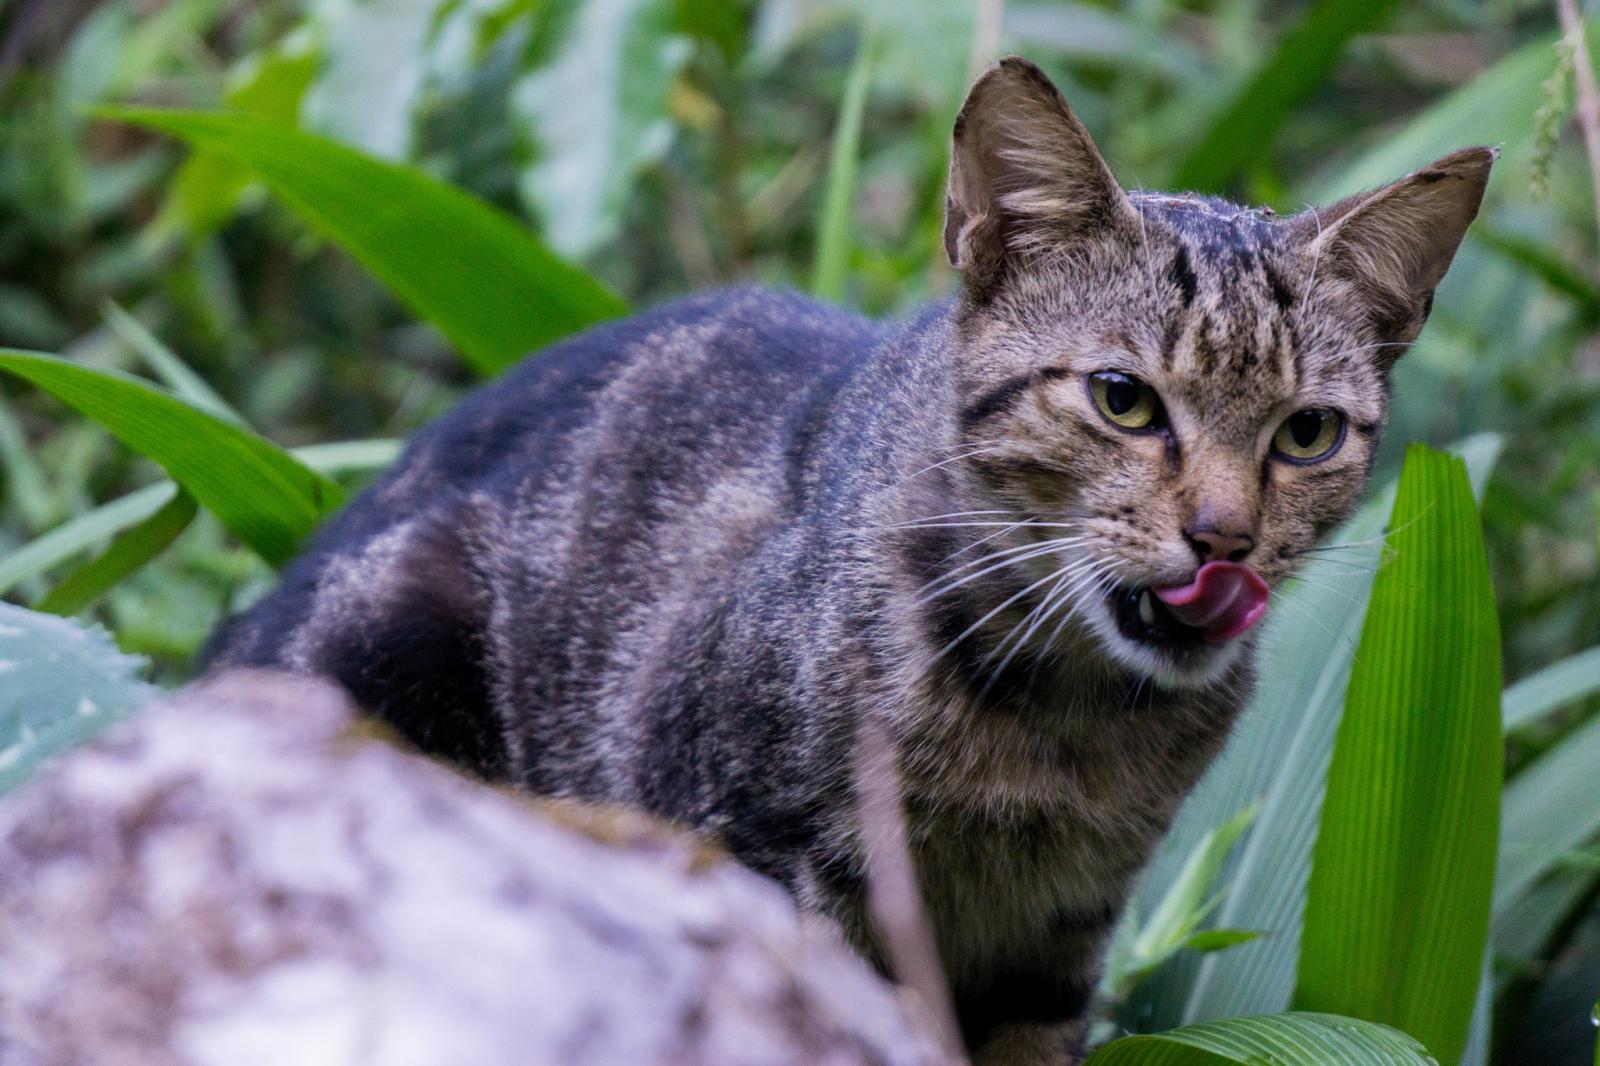 Els gats assilvestrats són una gran amenaça per a moltes espècies animals